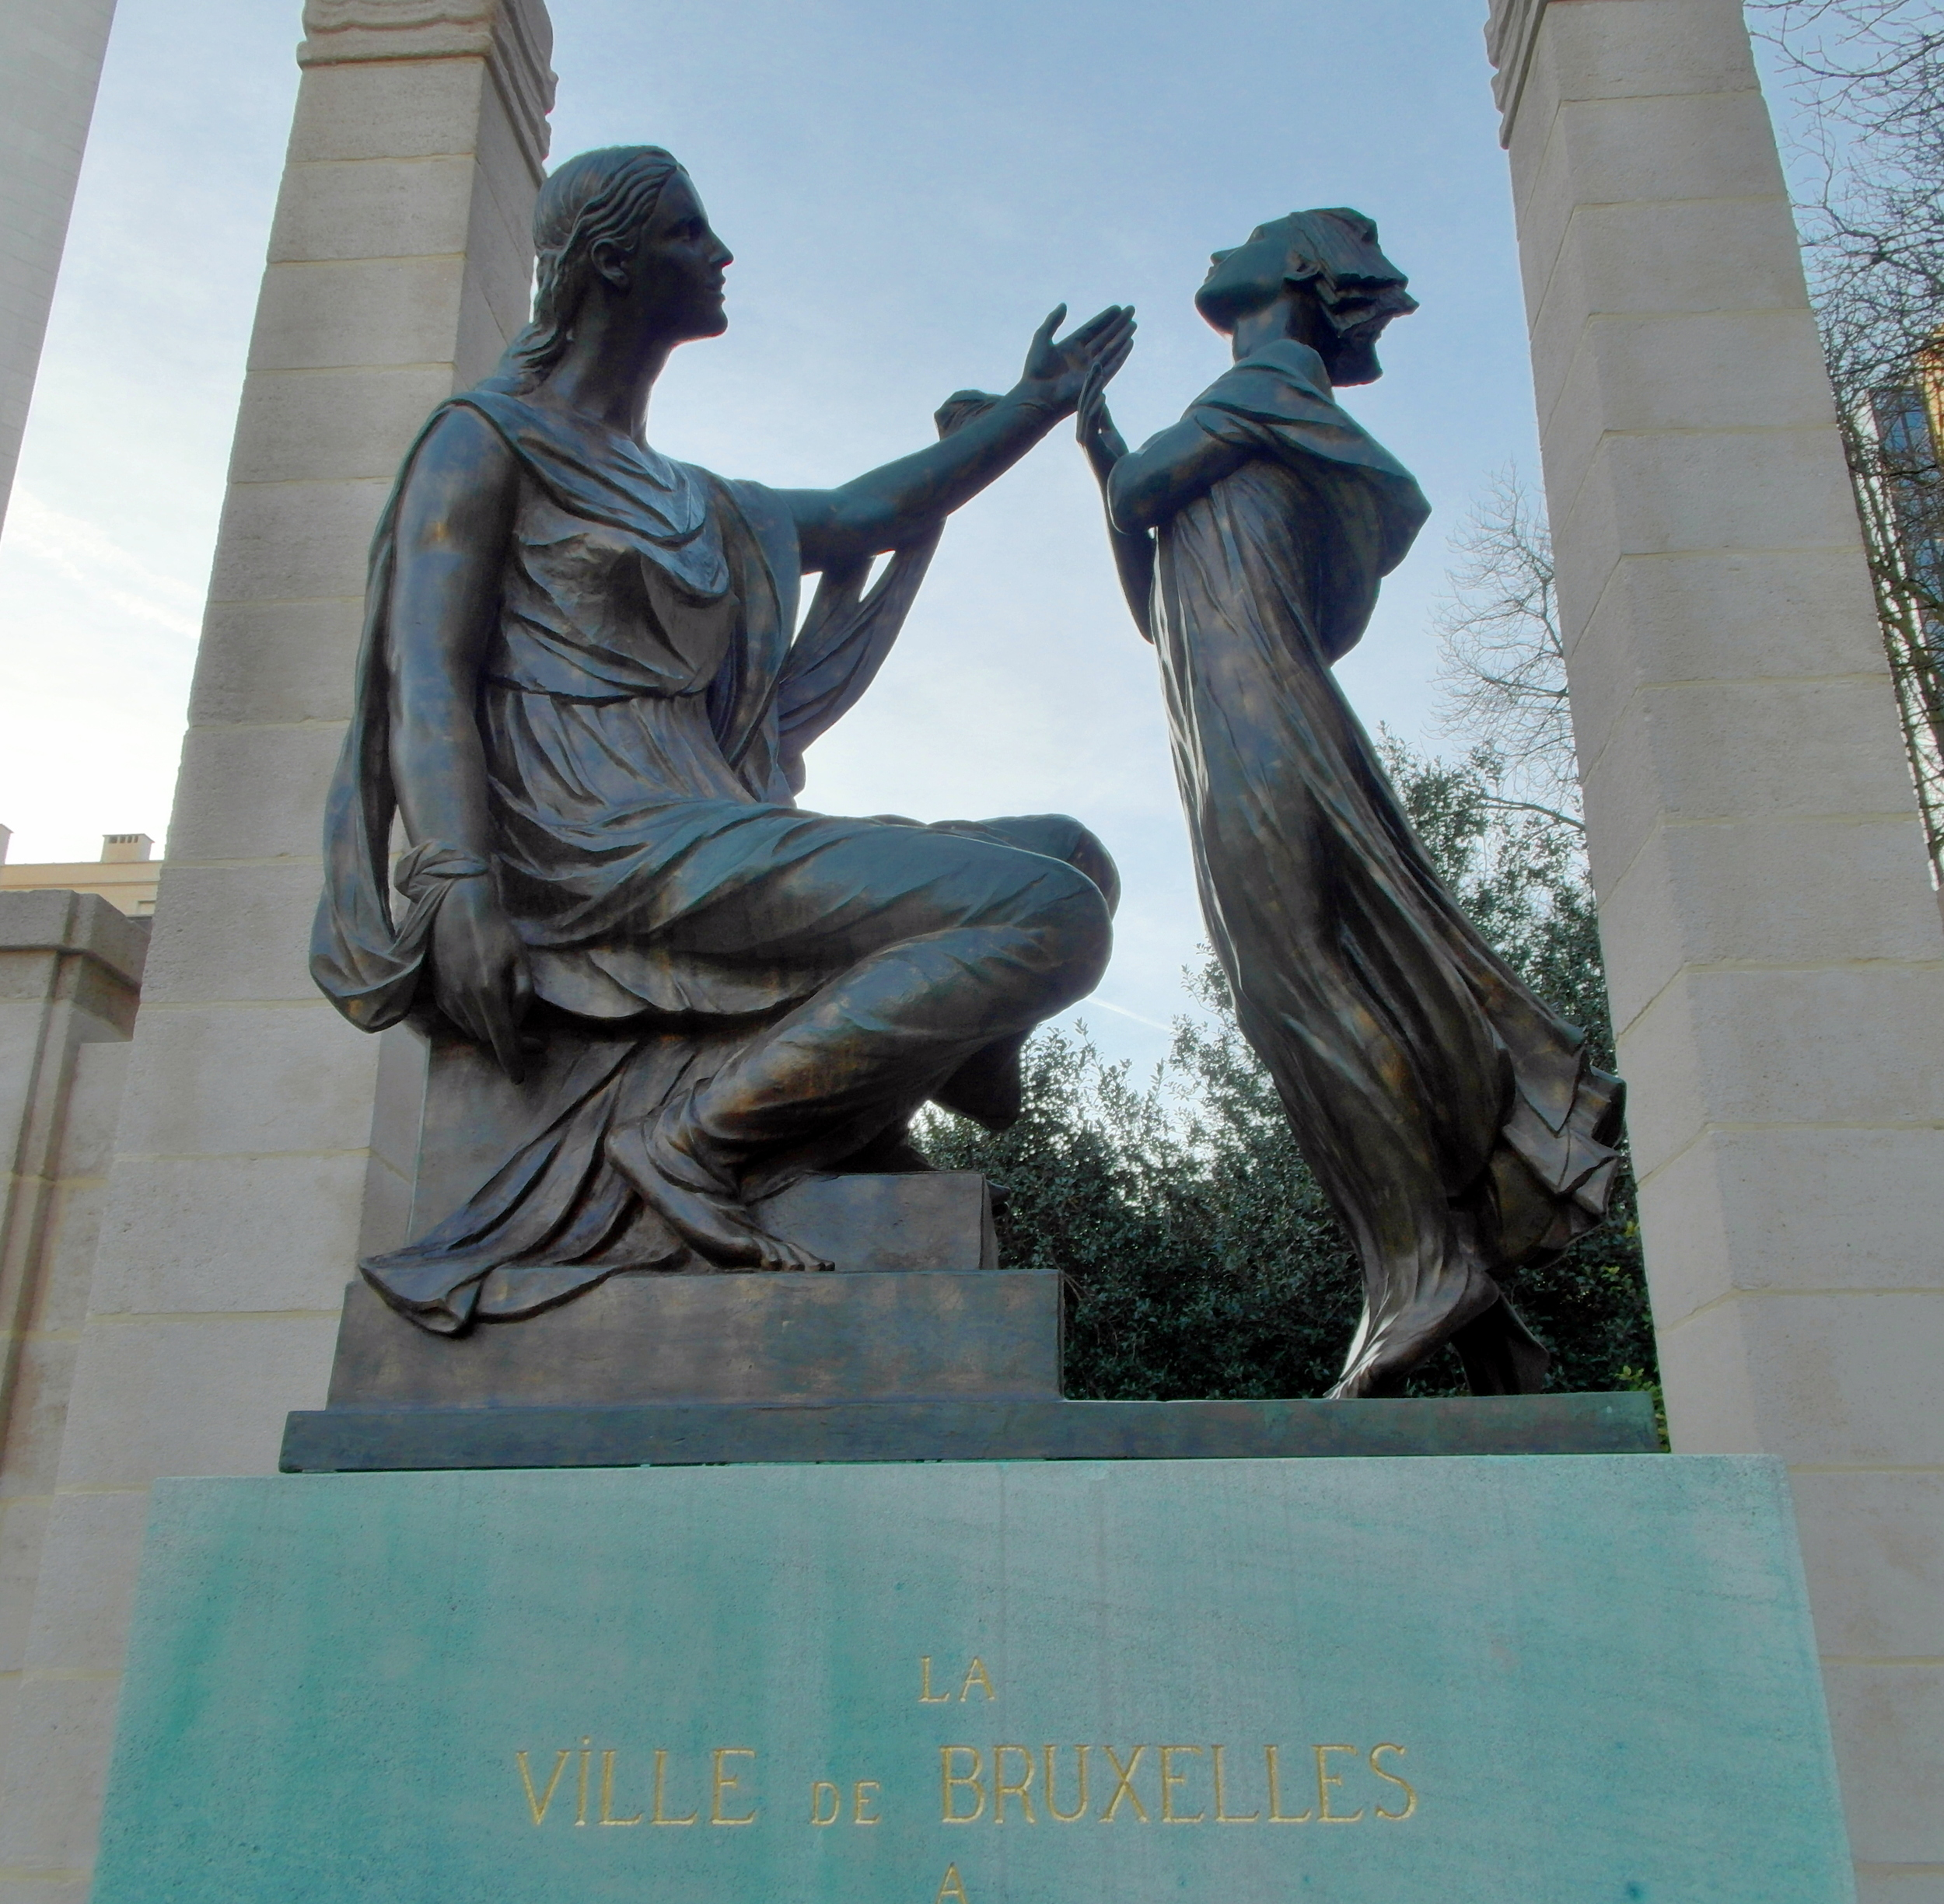 La Ville de Bruxelles_SAM_1520.JPG